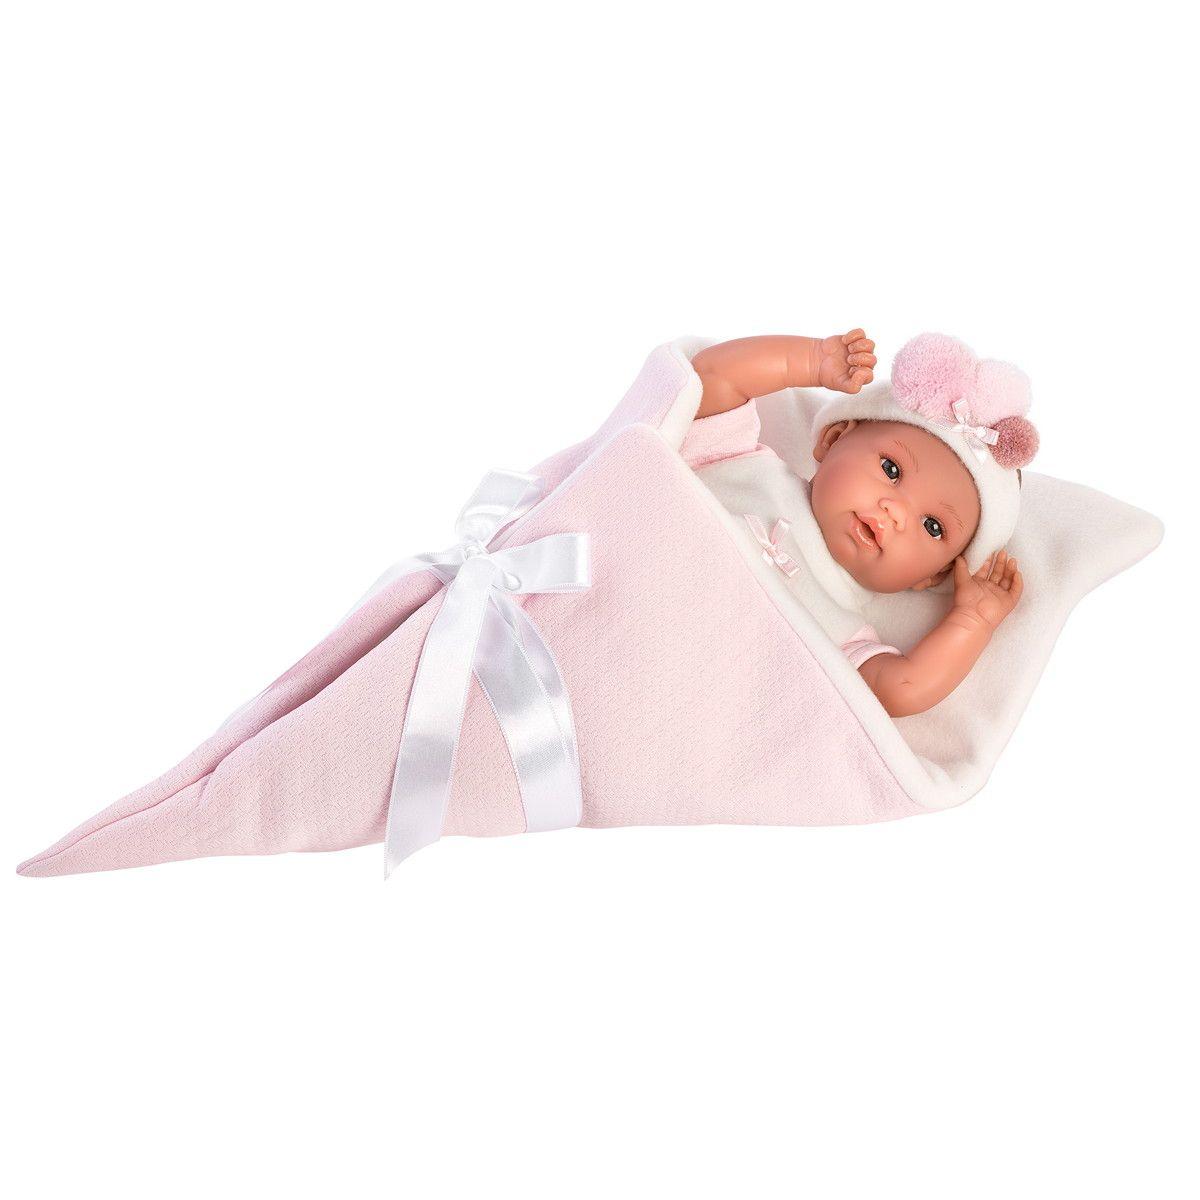 Купить Кукла в розовом конверте, 36 см, Llorens Juan